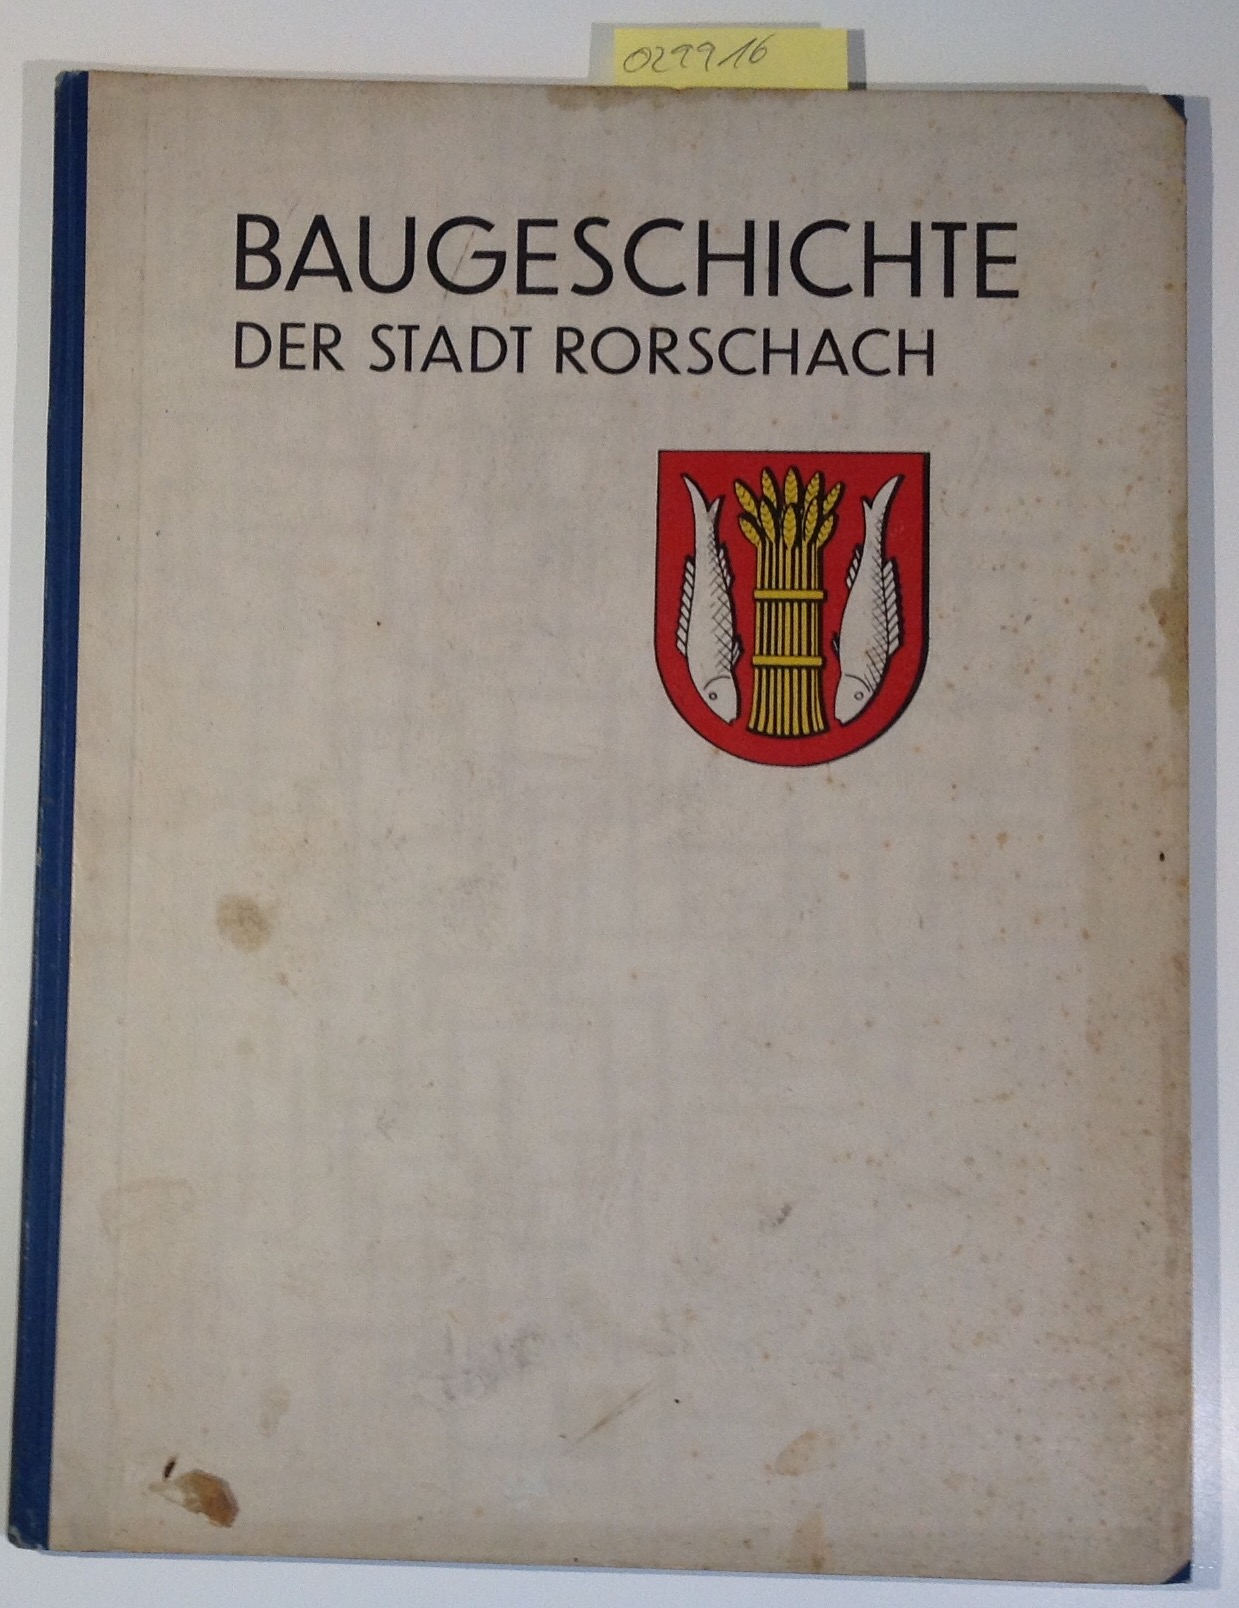 Baugeschichte der Stadt Rorschach: Willi, F.